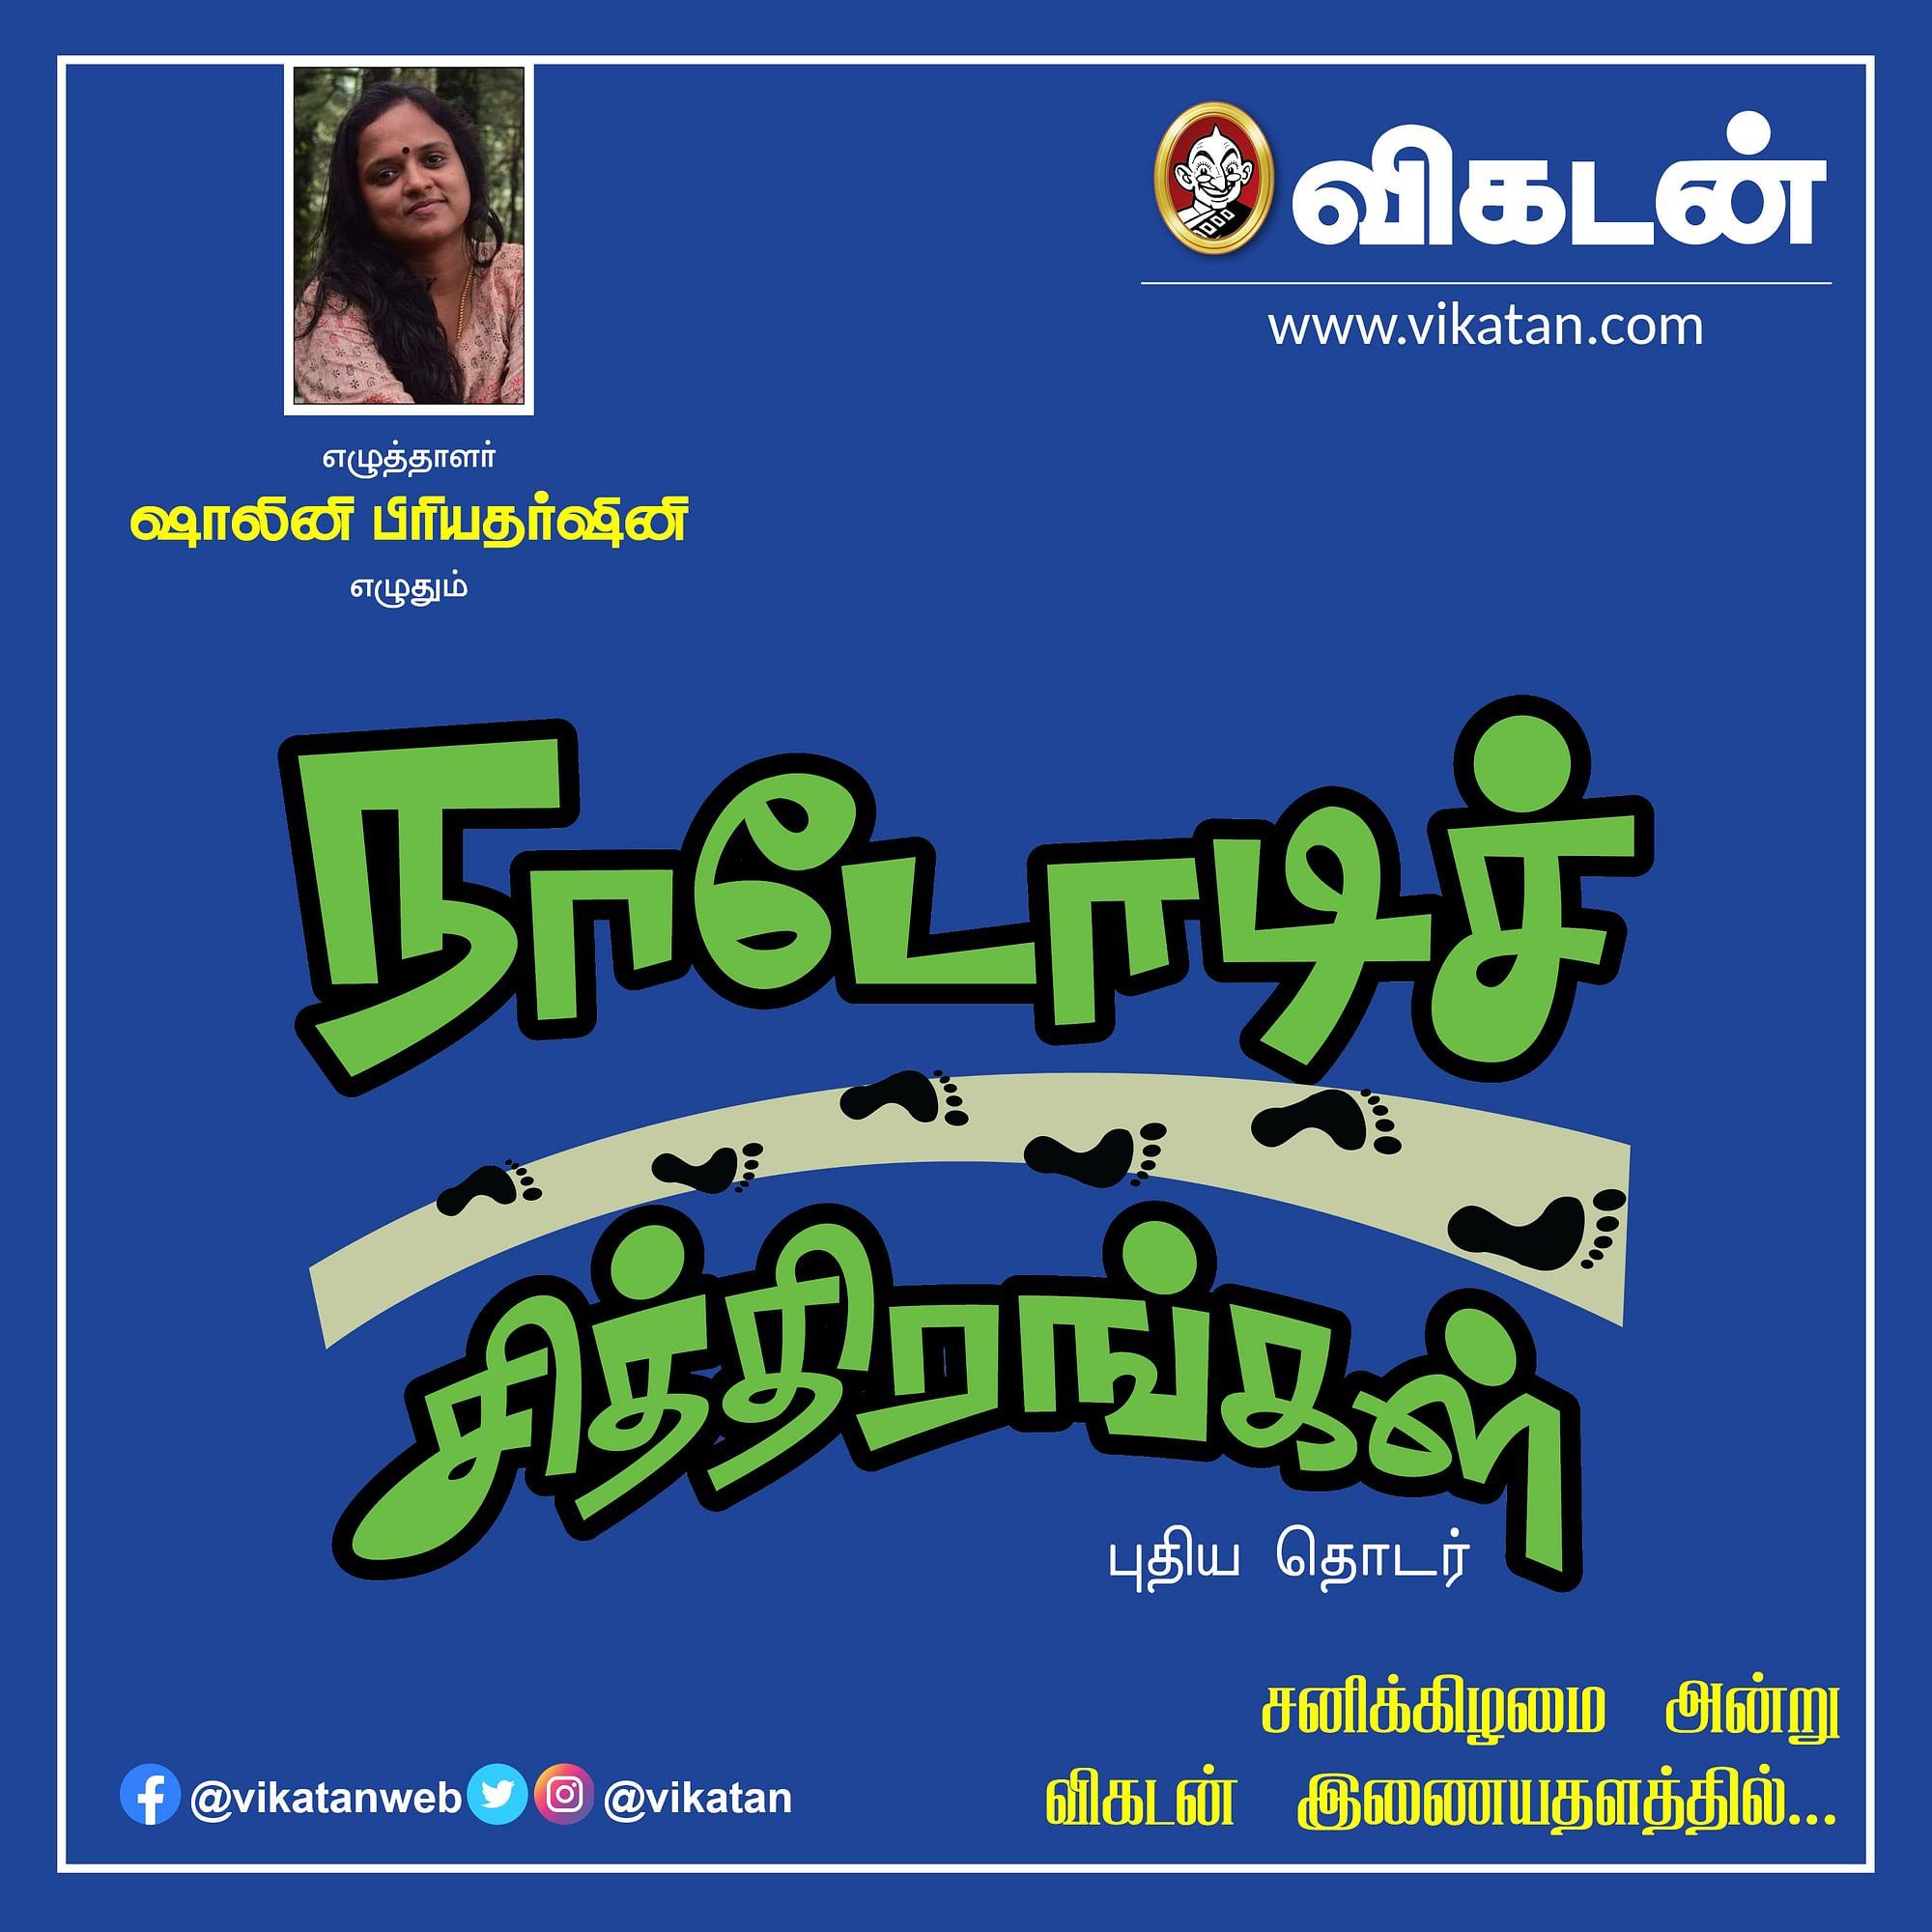 S 13 Tamil News Spot